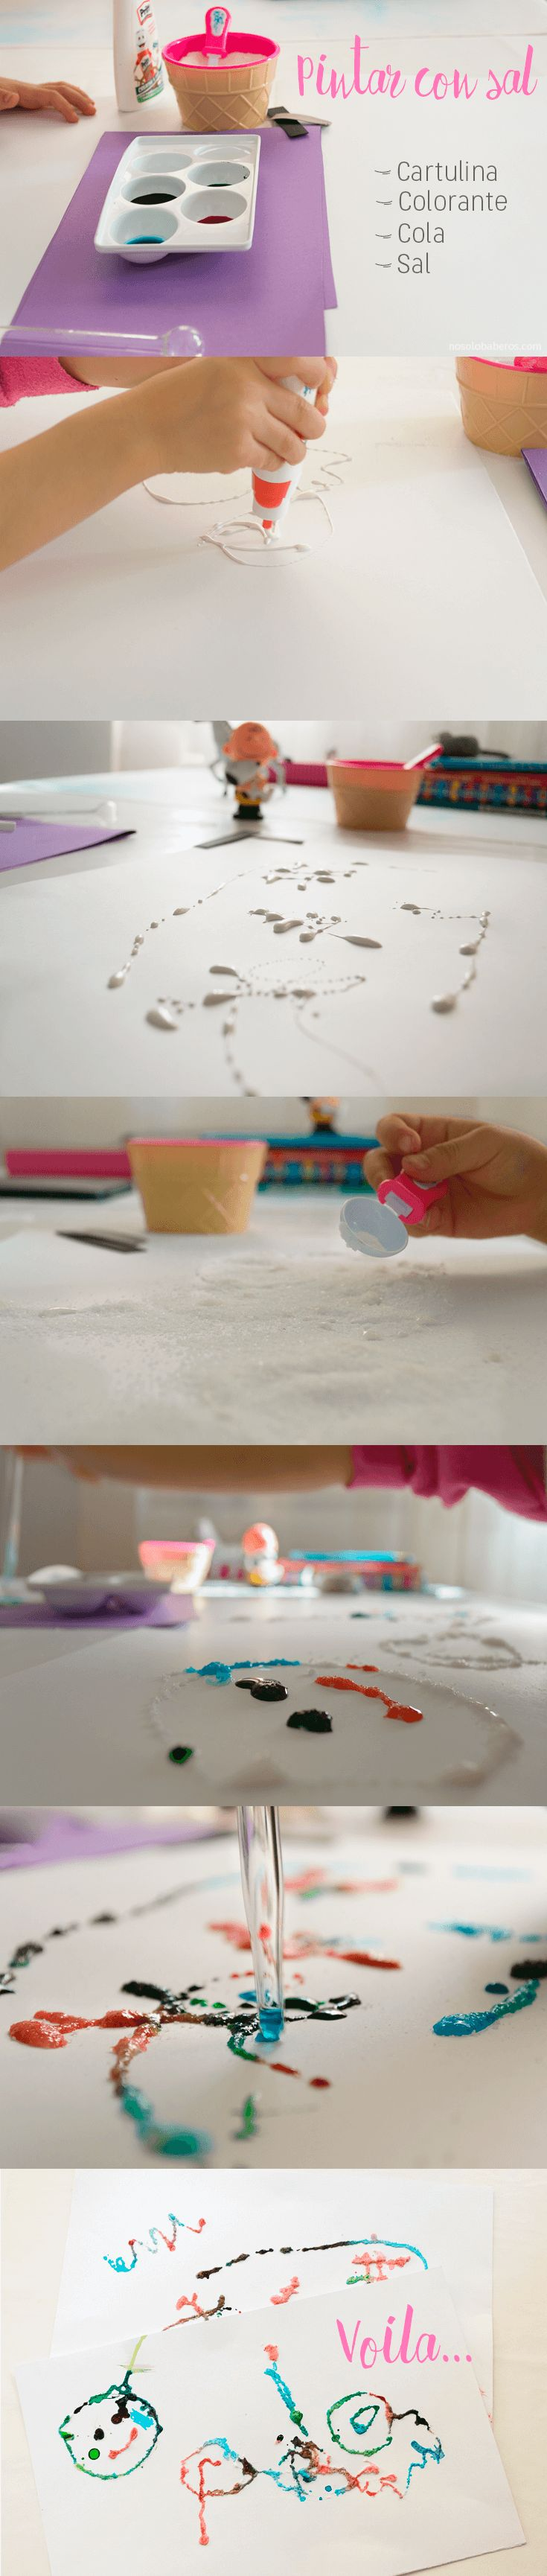 Pintar con sal, actividad fácil y divertida para pasar un buen rato con nuestros hijos. #ManualidadesInfantiles #PintarConSal #ManualidadesInfantilesFaciles #ManualidadesInfantilesConNiños #Creatividad #DesarrolloMotorFino #PintamosConSal #nosolobaberos